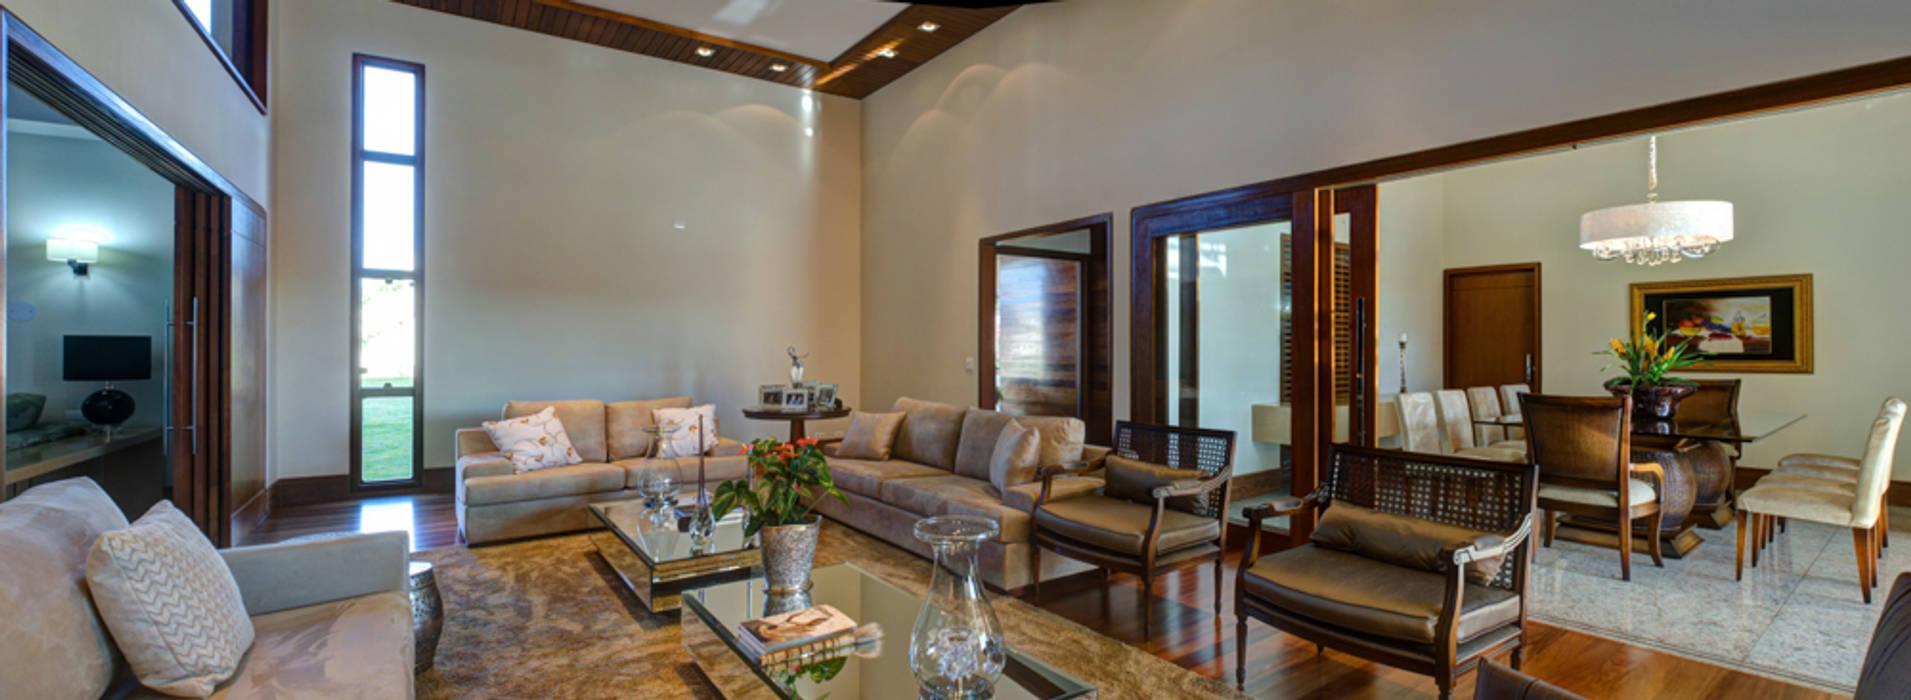 CASA DAS PRIMAVERAS Salas de estar modernas por BRAVIM ◘ RICCI ARQUITETURA Moderno